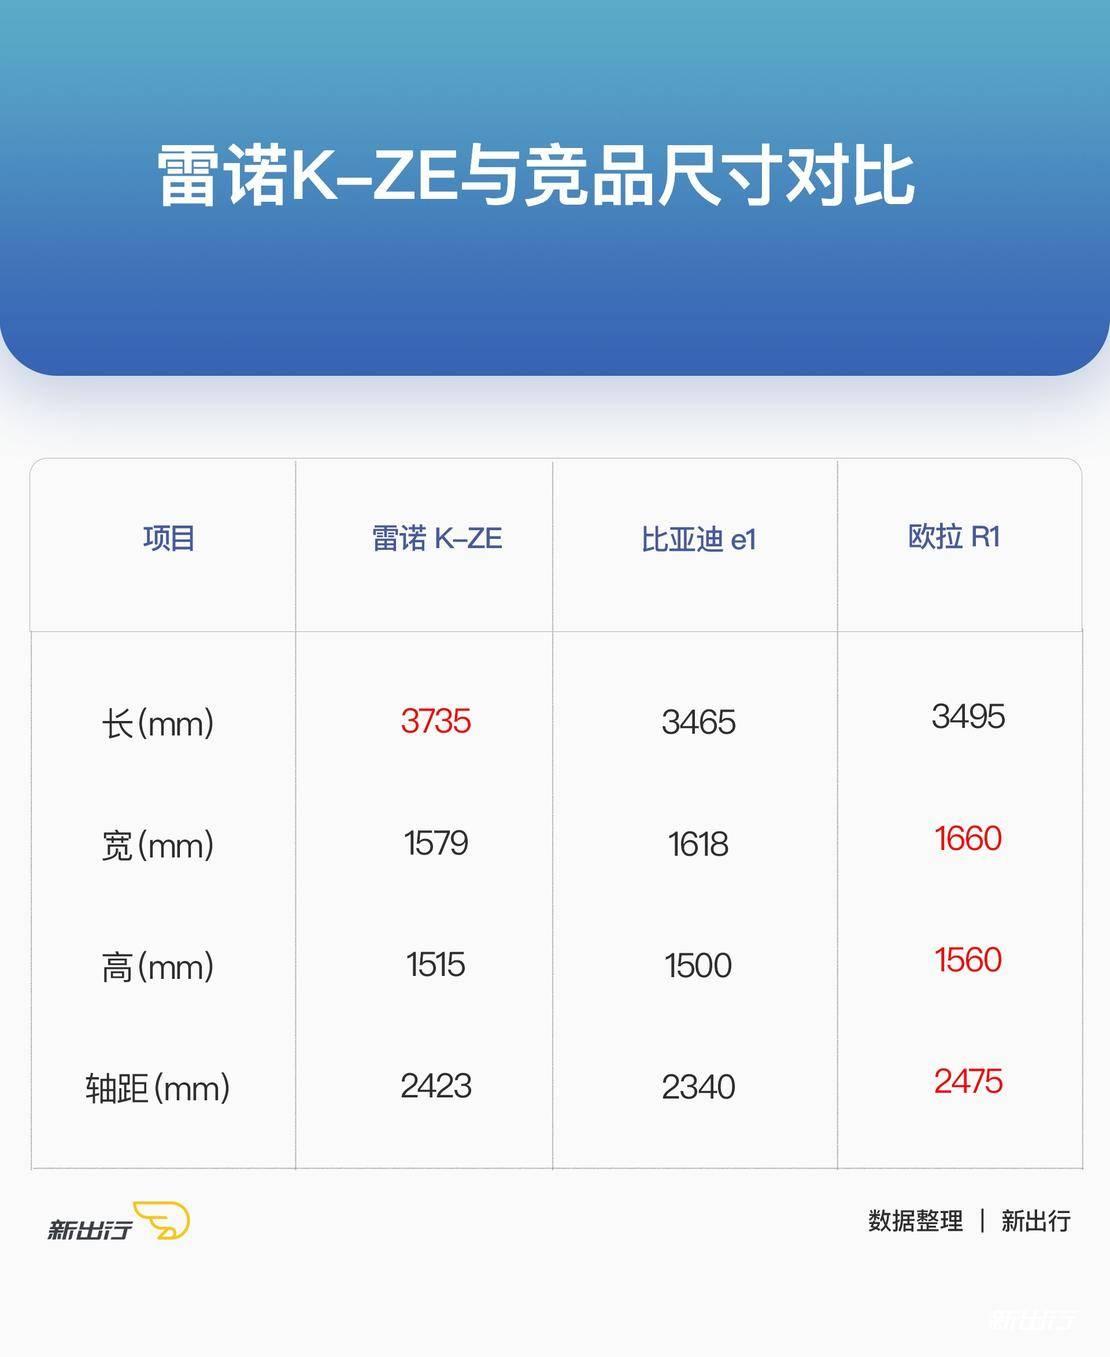 雷诺K-ZE尺寸对比.jpg